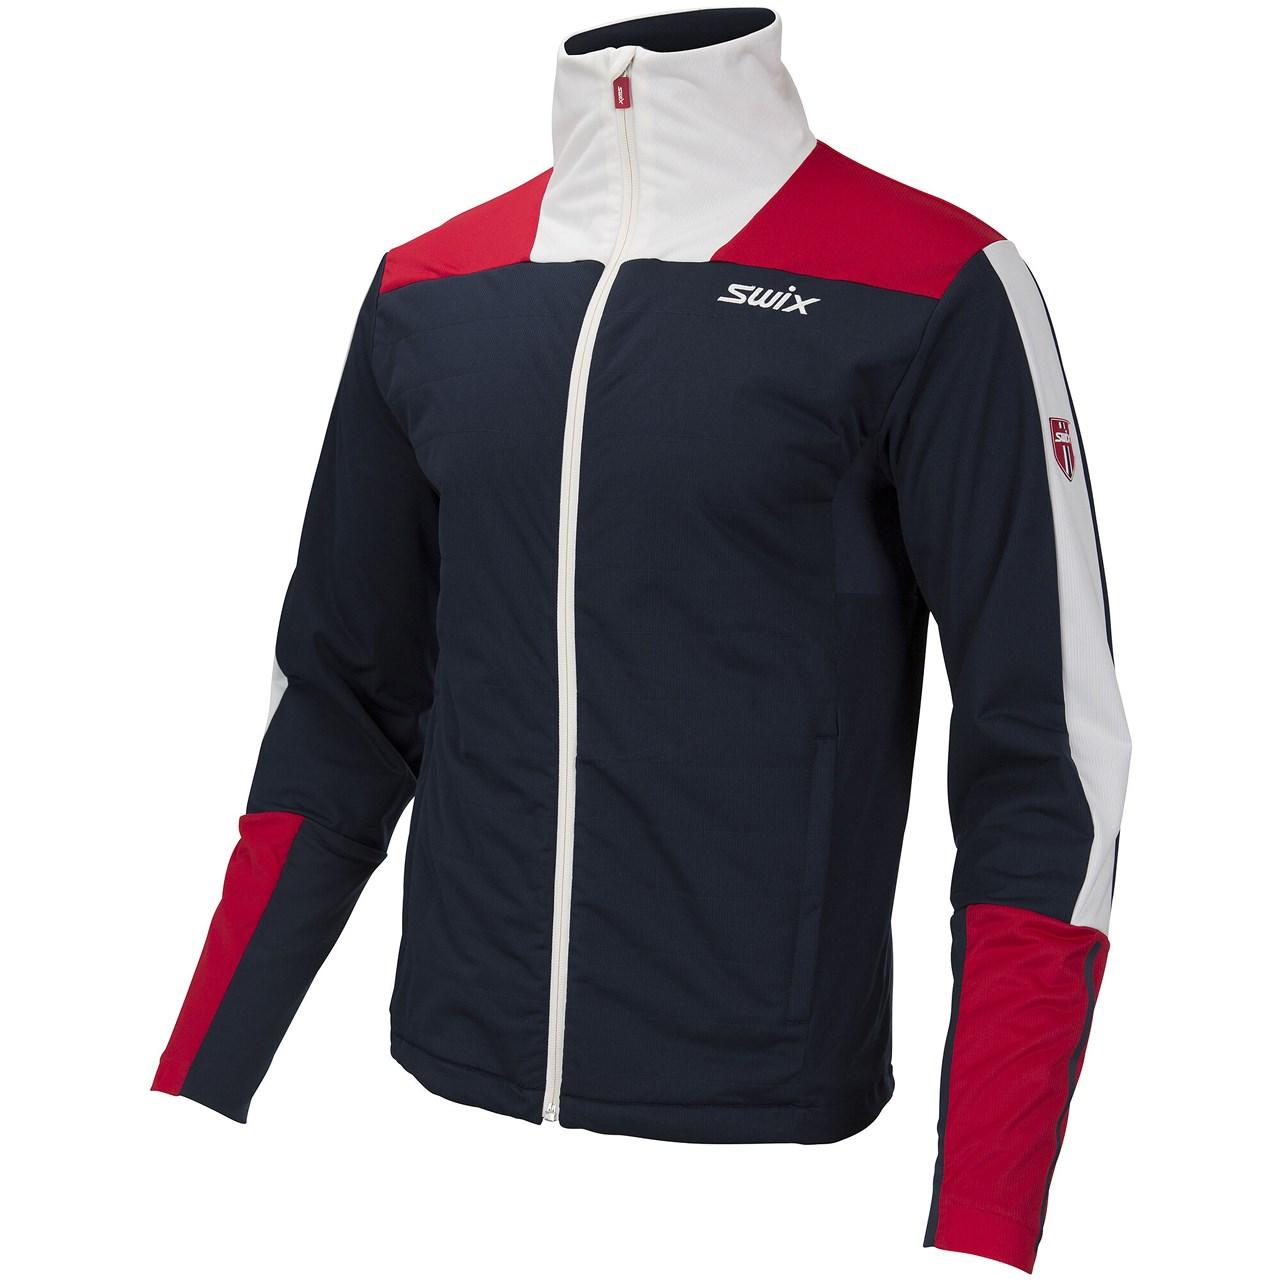 Swix Blizzard XC Jacket, M's